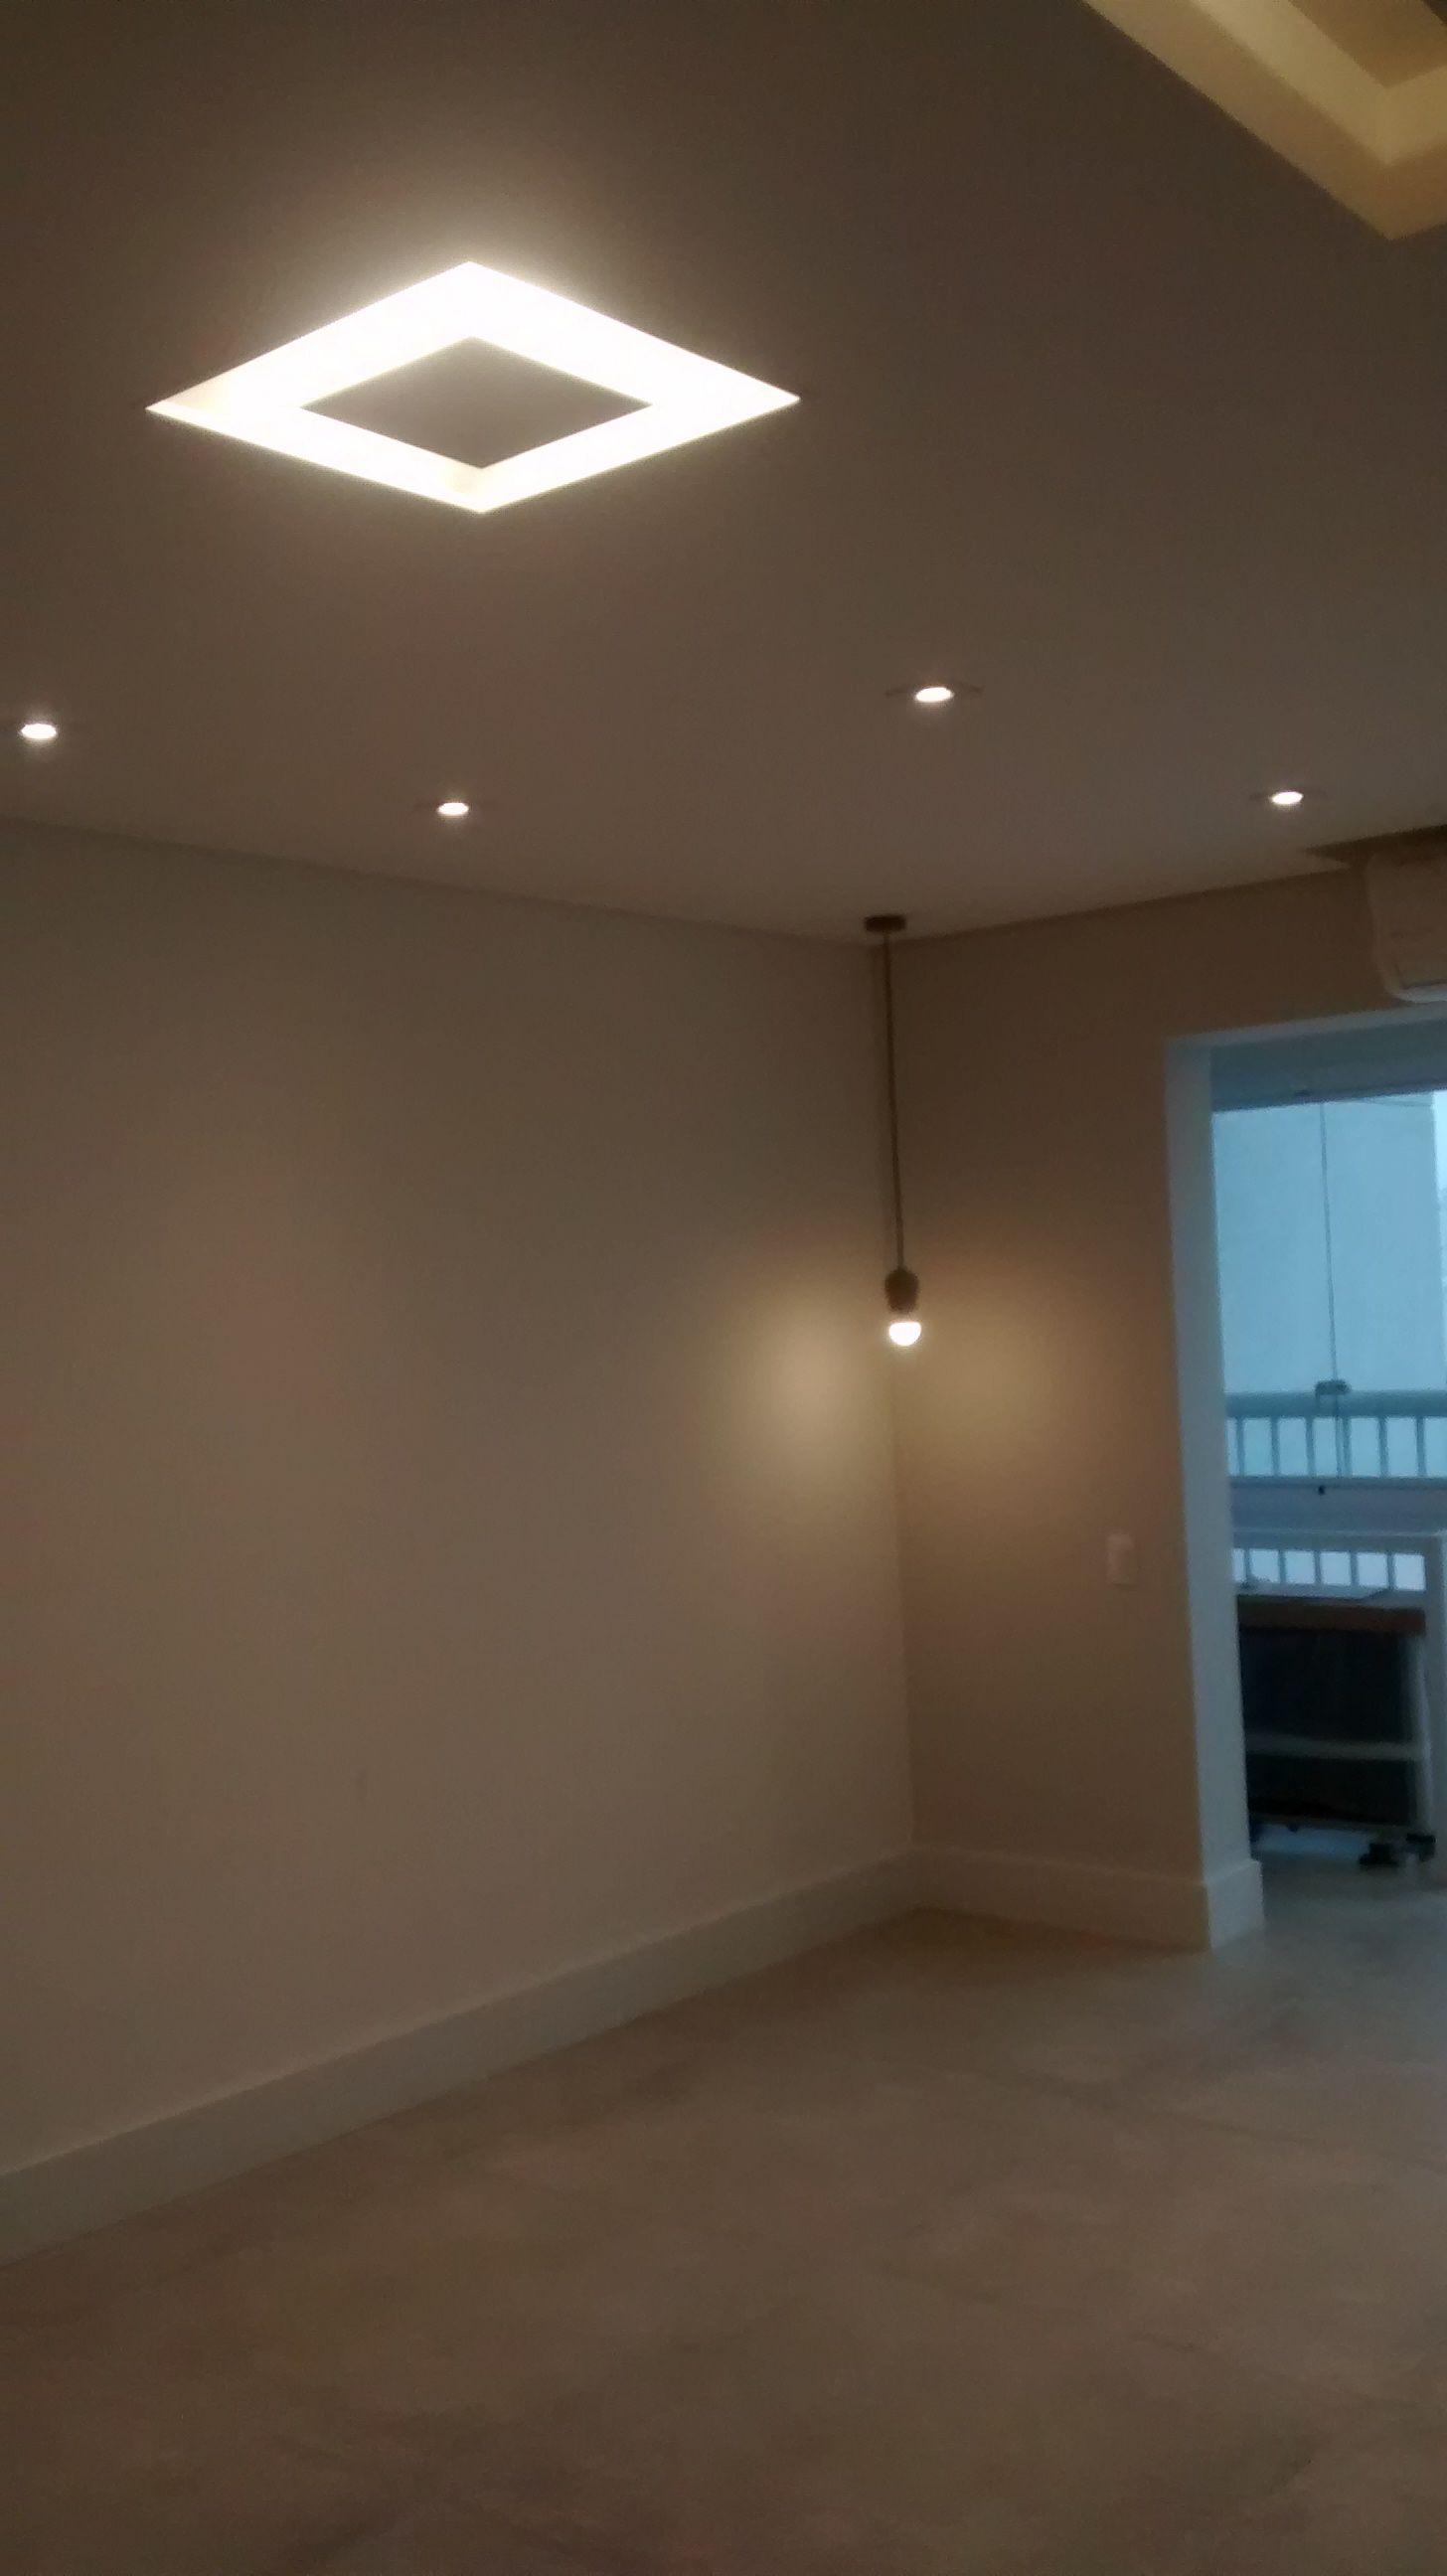 Sala Com Teto Rebaixado Tabicado Com Ilumina O Embutida Quarto